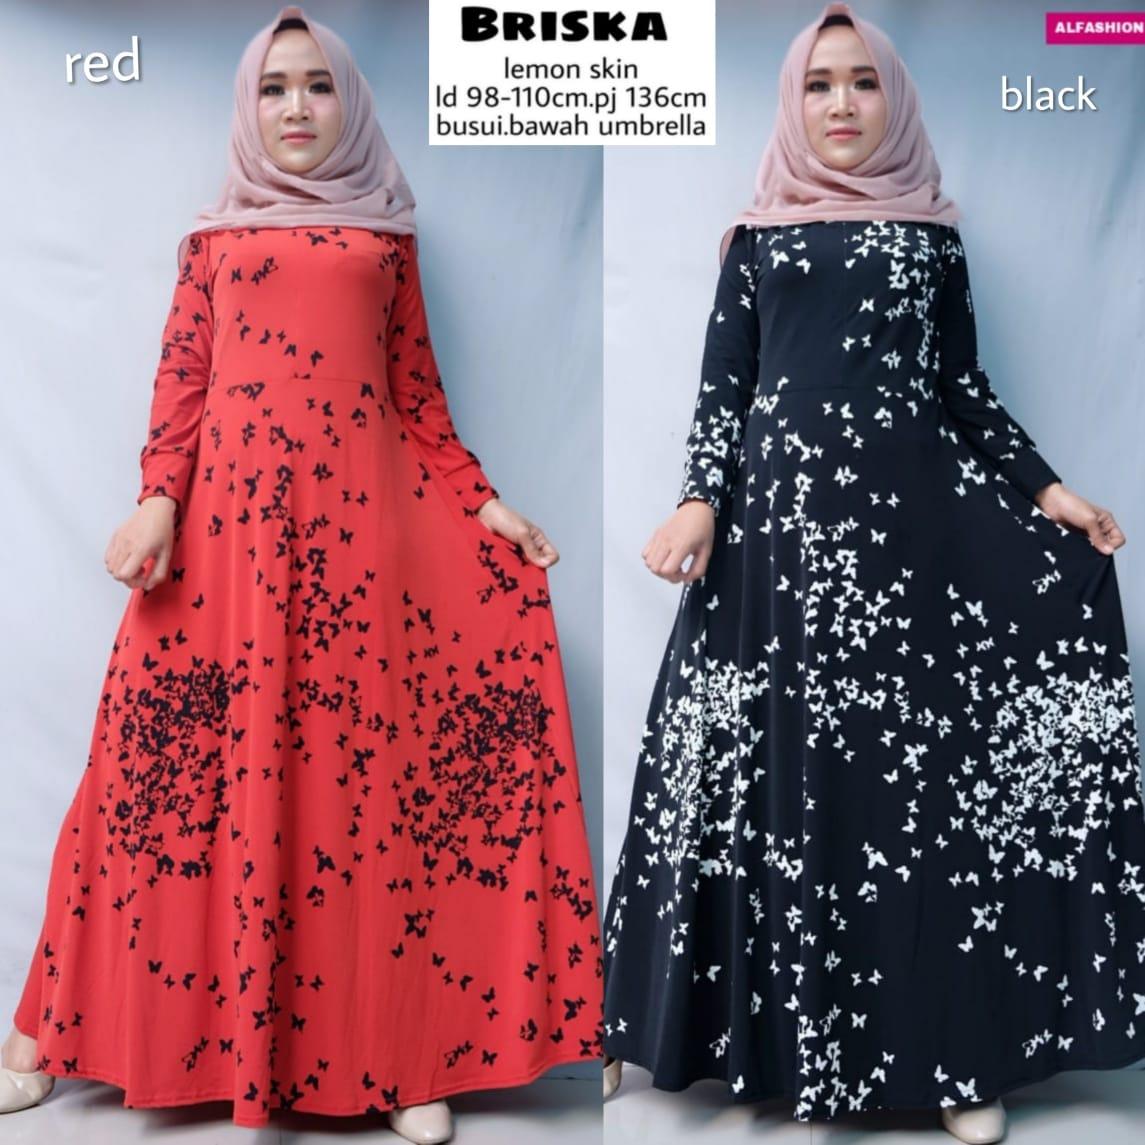 Briska Lemonskin Busui Recomended |Model Baju Gamis Terbaru 2020 Wanita Berhijab| Gamis Renata|   Baju Gamis Modern Anak Muda| Baju Kebaya Modern Untuk Pesta|  Desain Baju Muslim Modern| Baju Couple Muslim Remaja| Gambar   Desain Baju Muslim